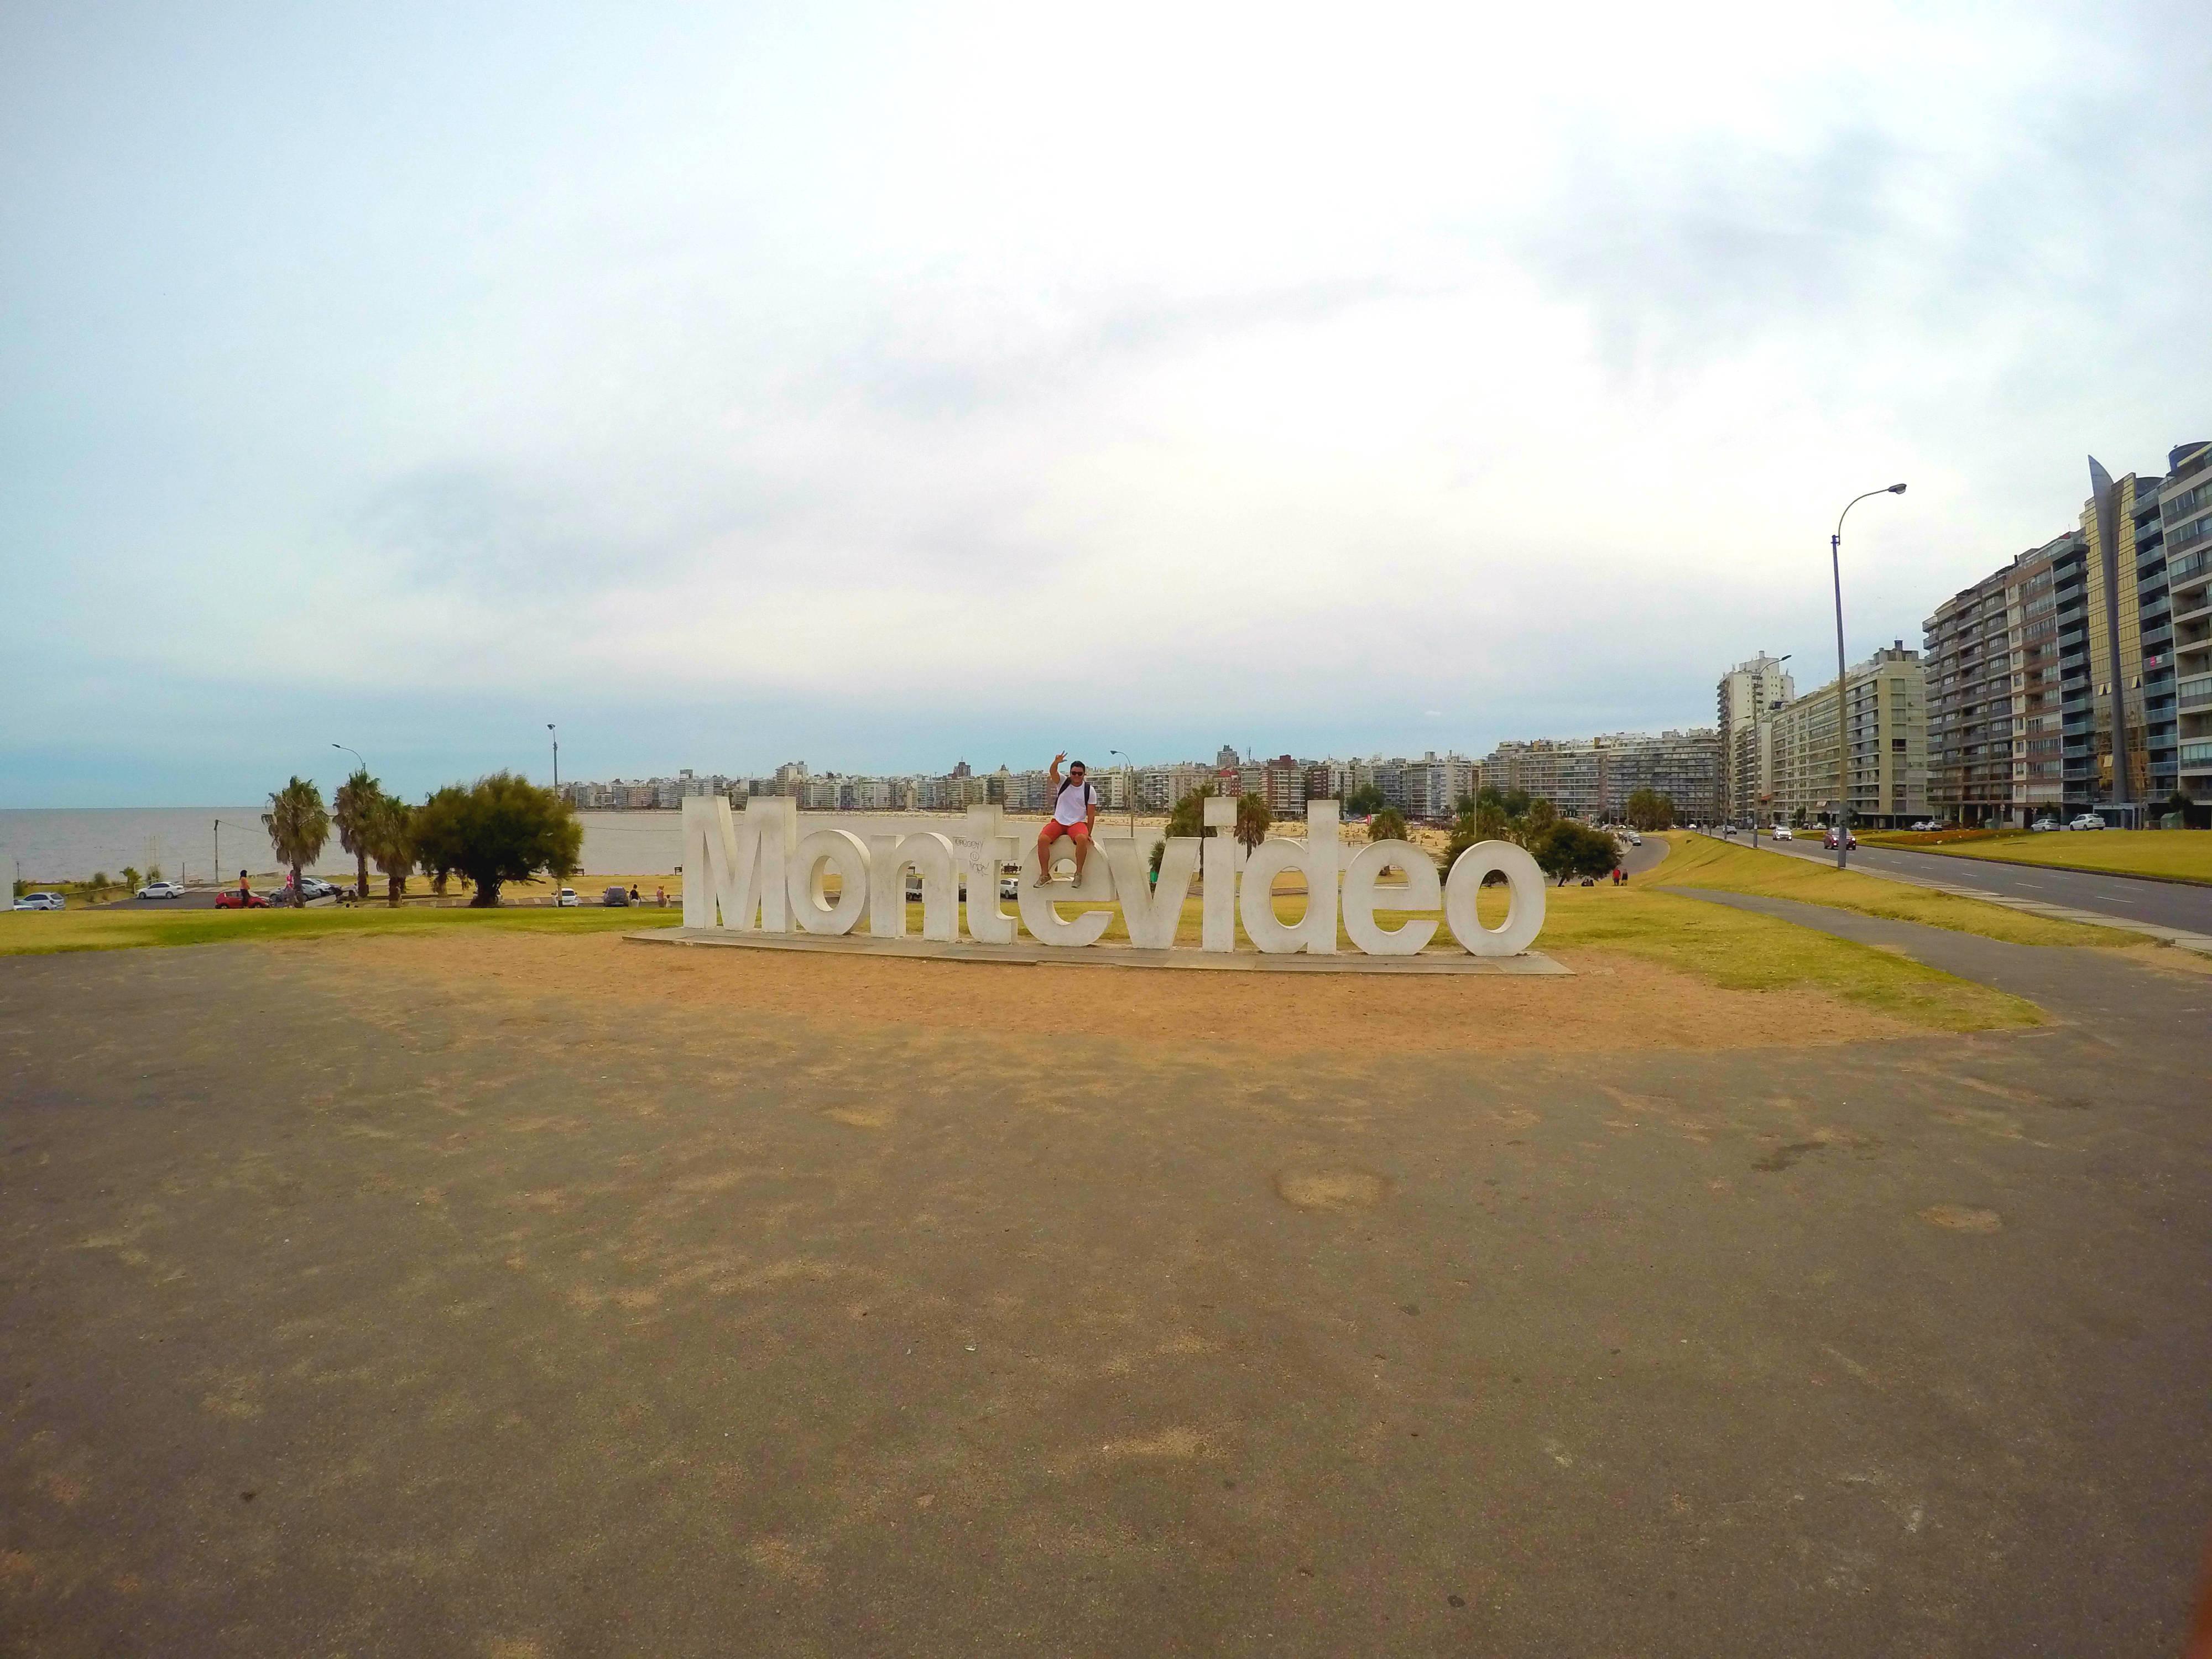 Um passeio pelo Uruguai: 5 dias, 3 cidades, muitos lugares inesquecíveis